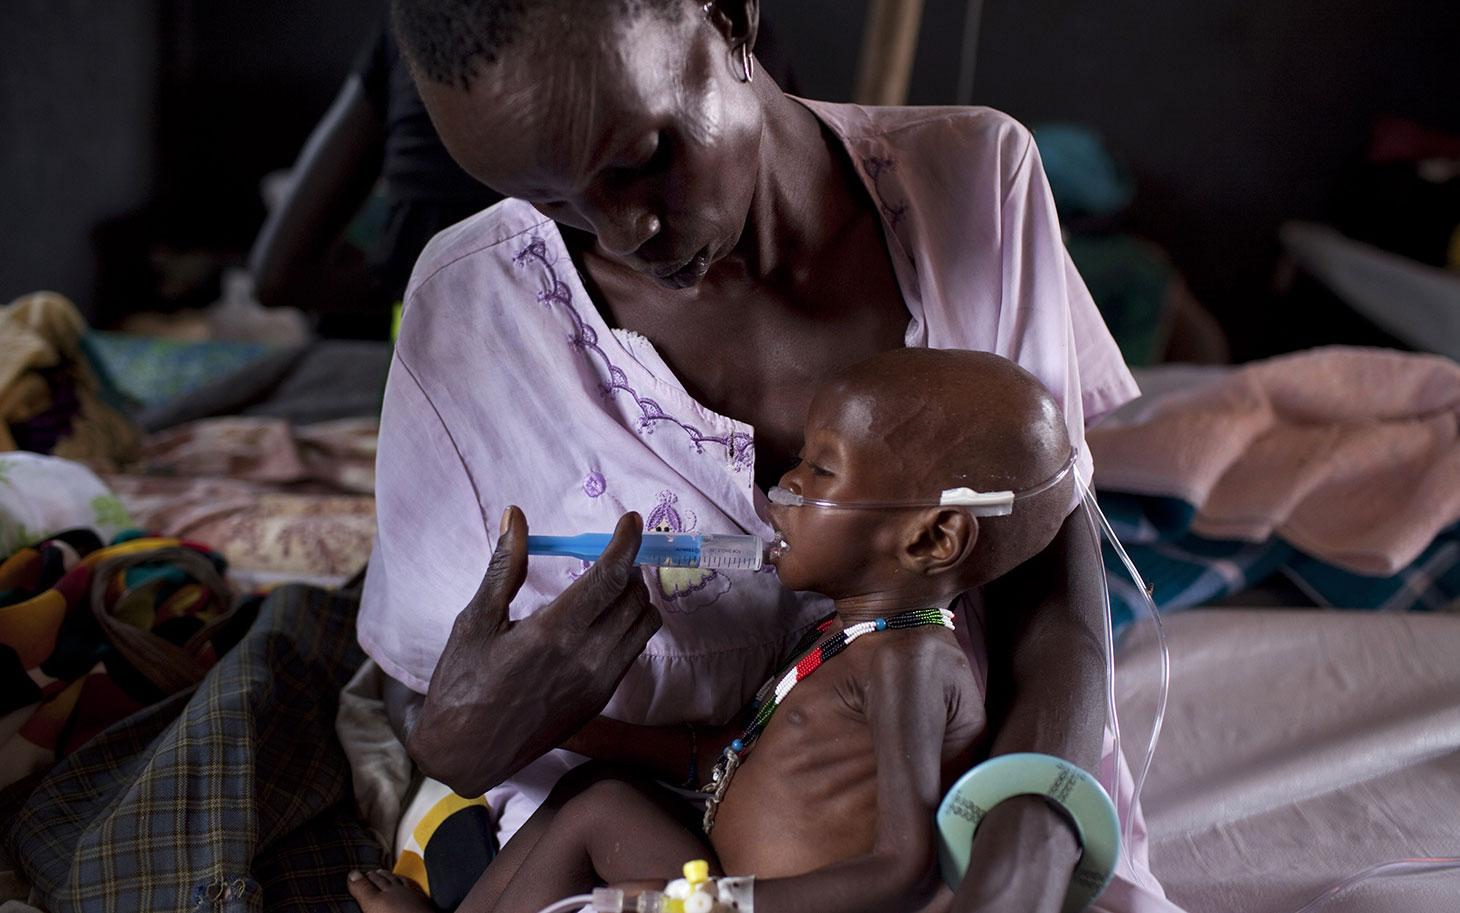 جوبا تعلق إنزال المساعدات الإنسانية بالطائرات للمتضررين